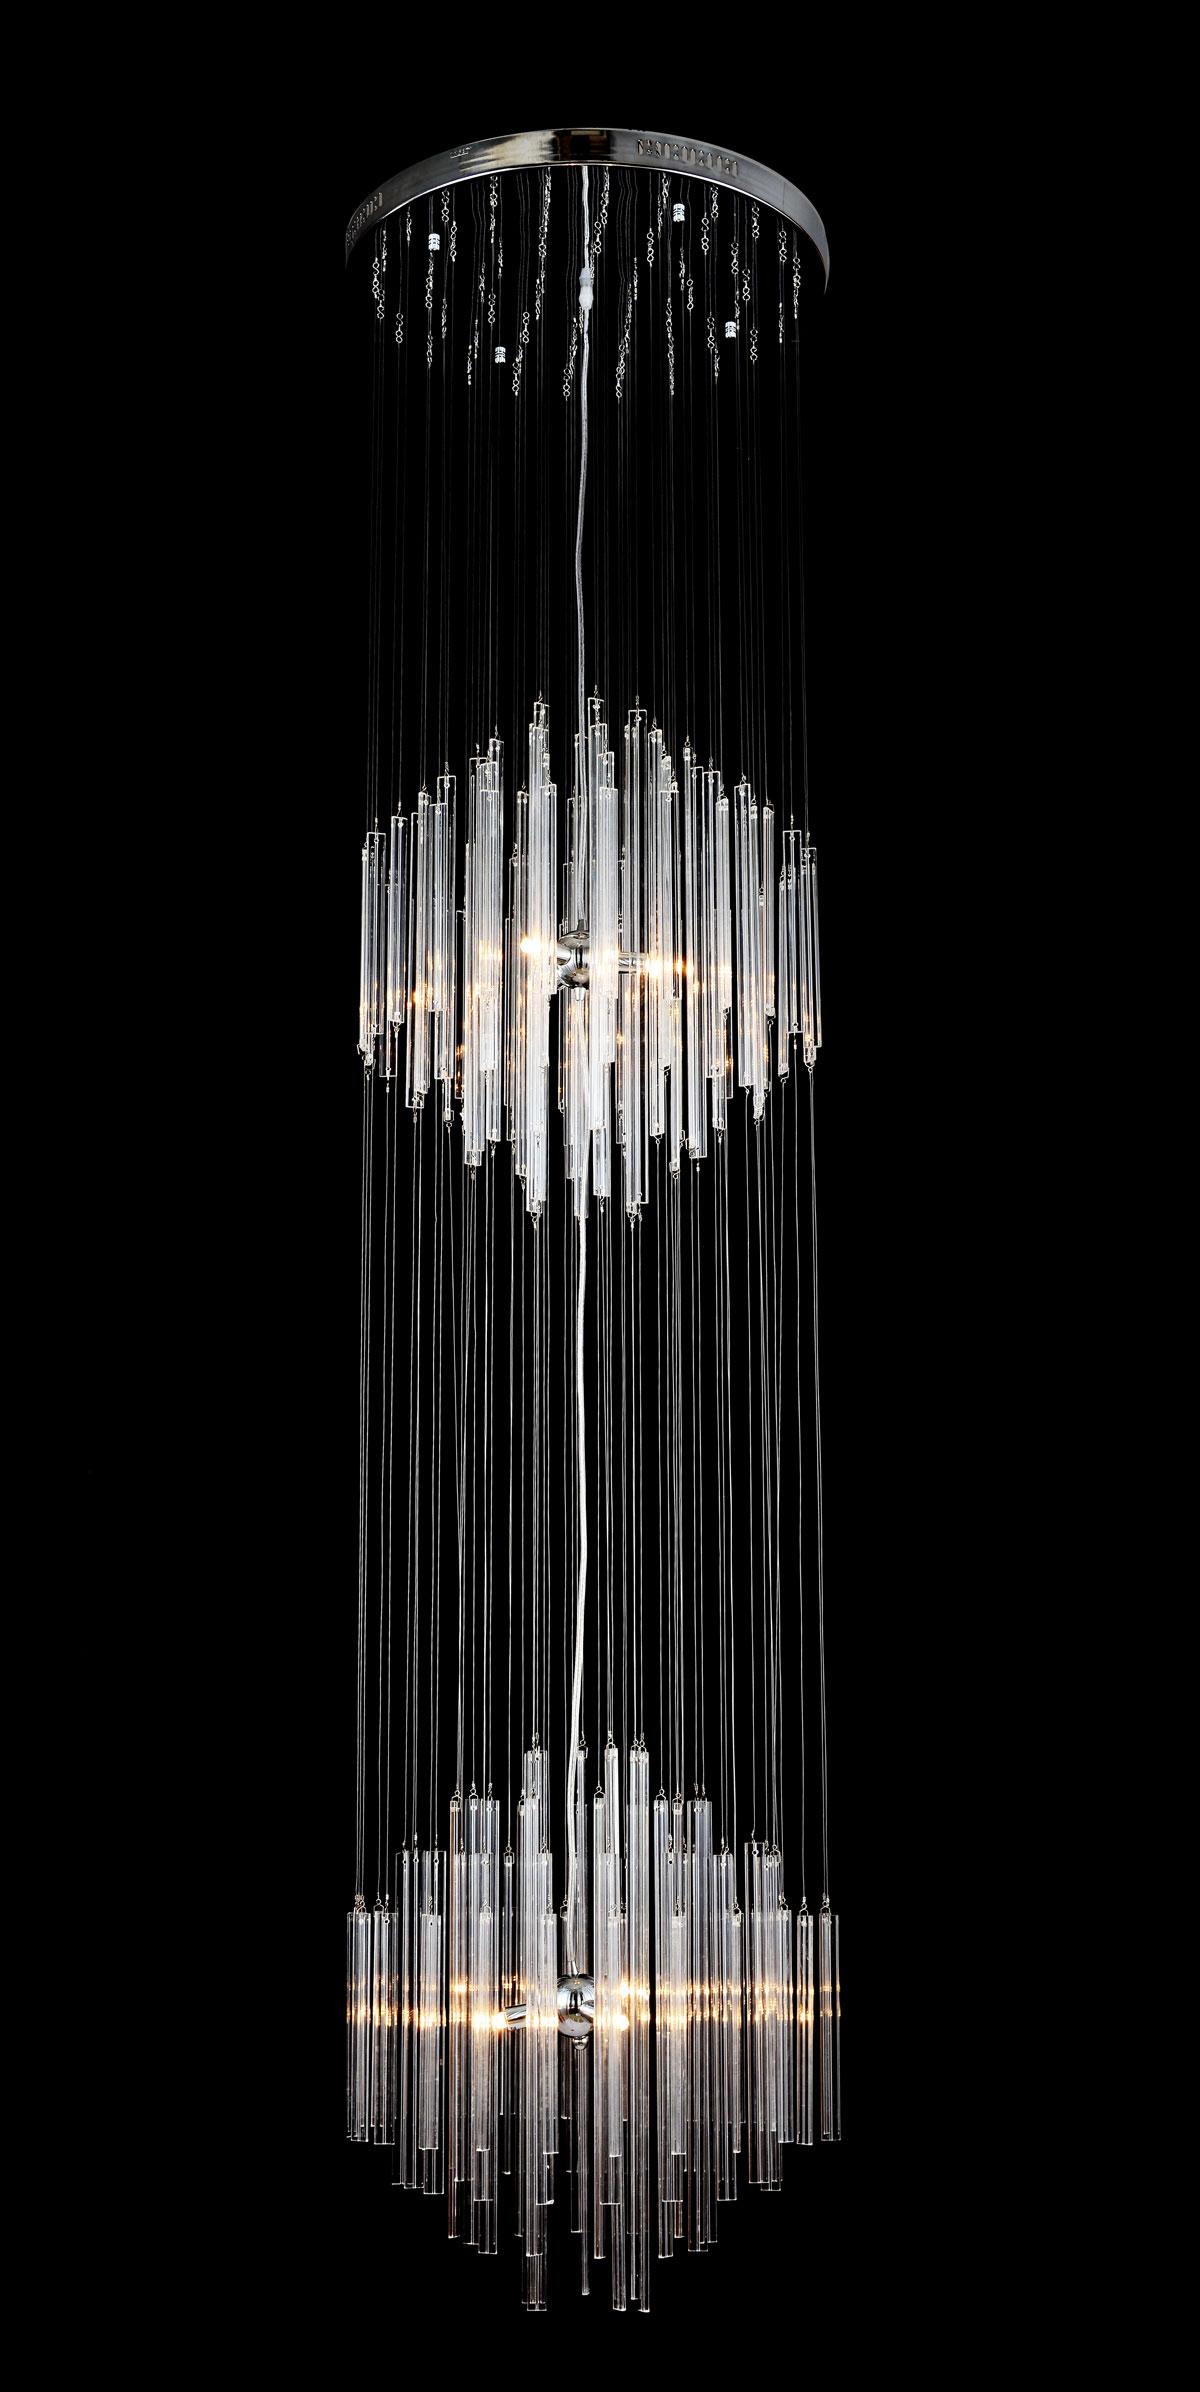 Titania orseo 2m lange deckenleuchte deckenlampe leuchte for Lange deckenlampe